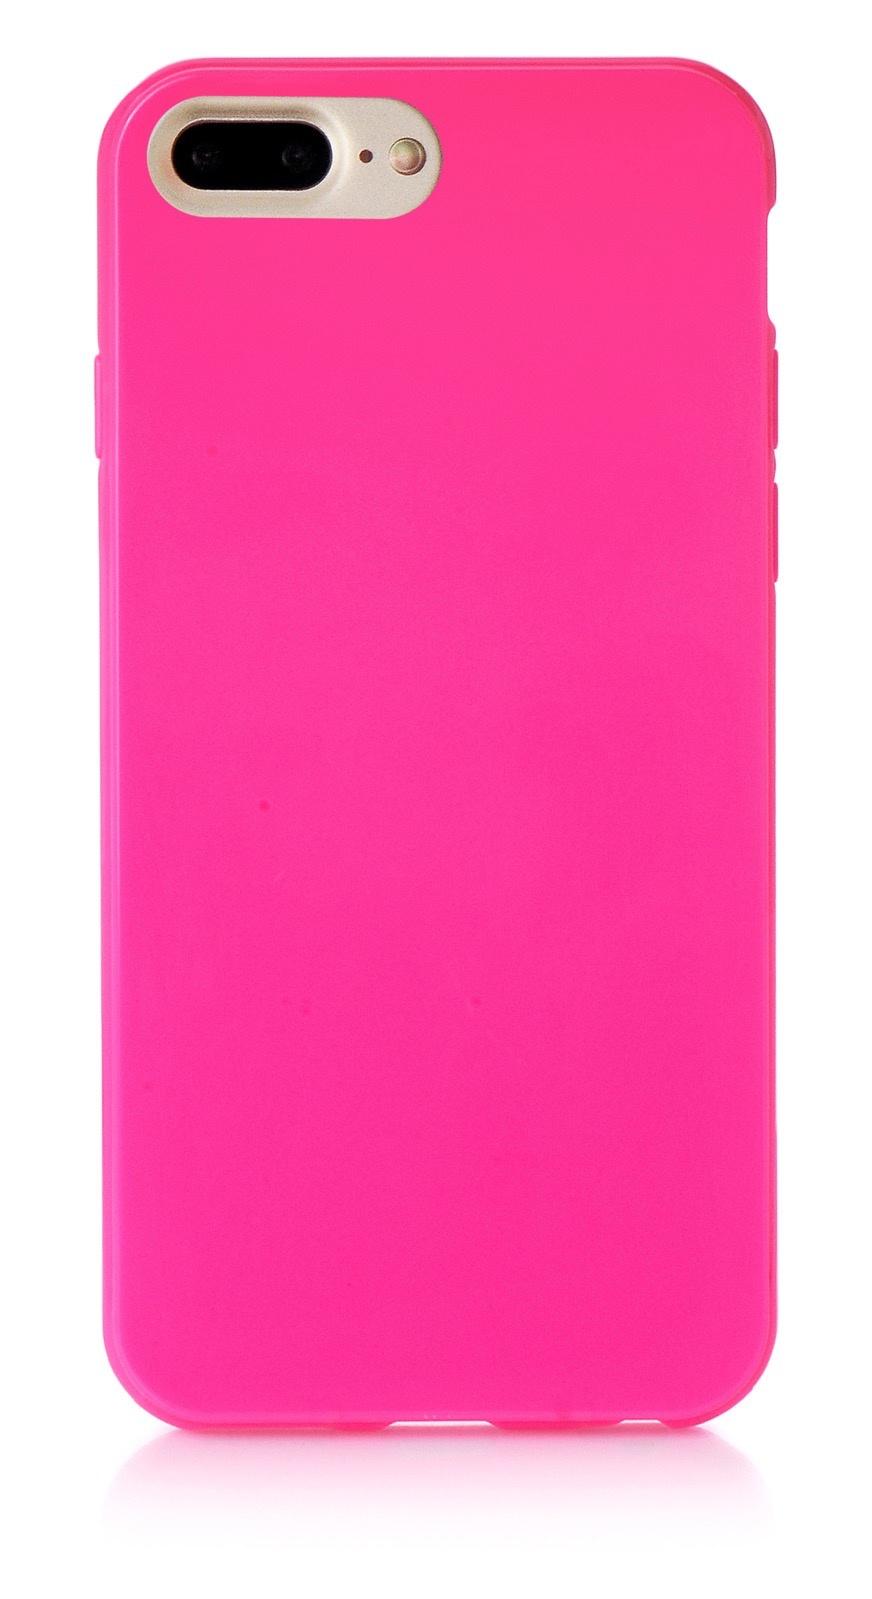 """Чехол для сотового телефона iNeez накладка силикон мыльница 901419 для Apple Iphone 7 Plus/8 Plus 5.5"""", темно-розовый"""